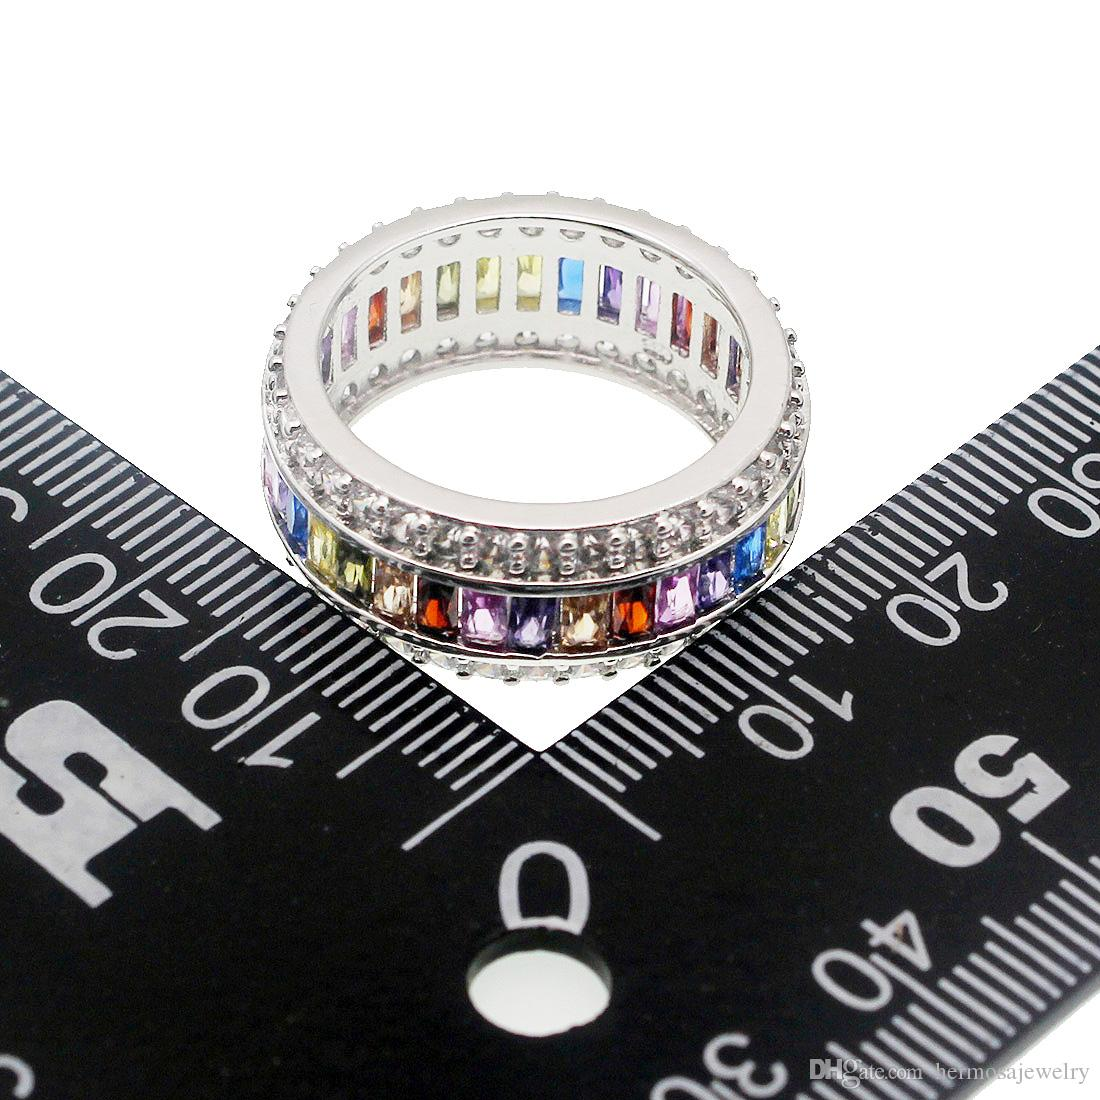 Anello di fidanzamento in argento sterling 925 con gemme naturali di granato, ametista, peridoto, Morganite, regalo di gioielli moda femminile